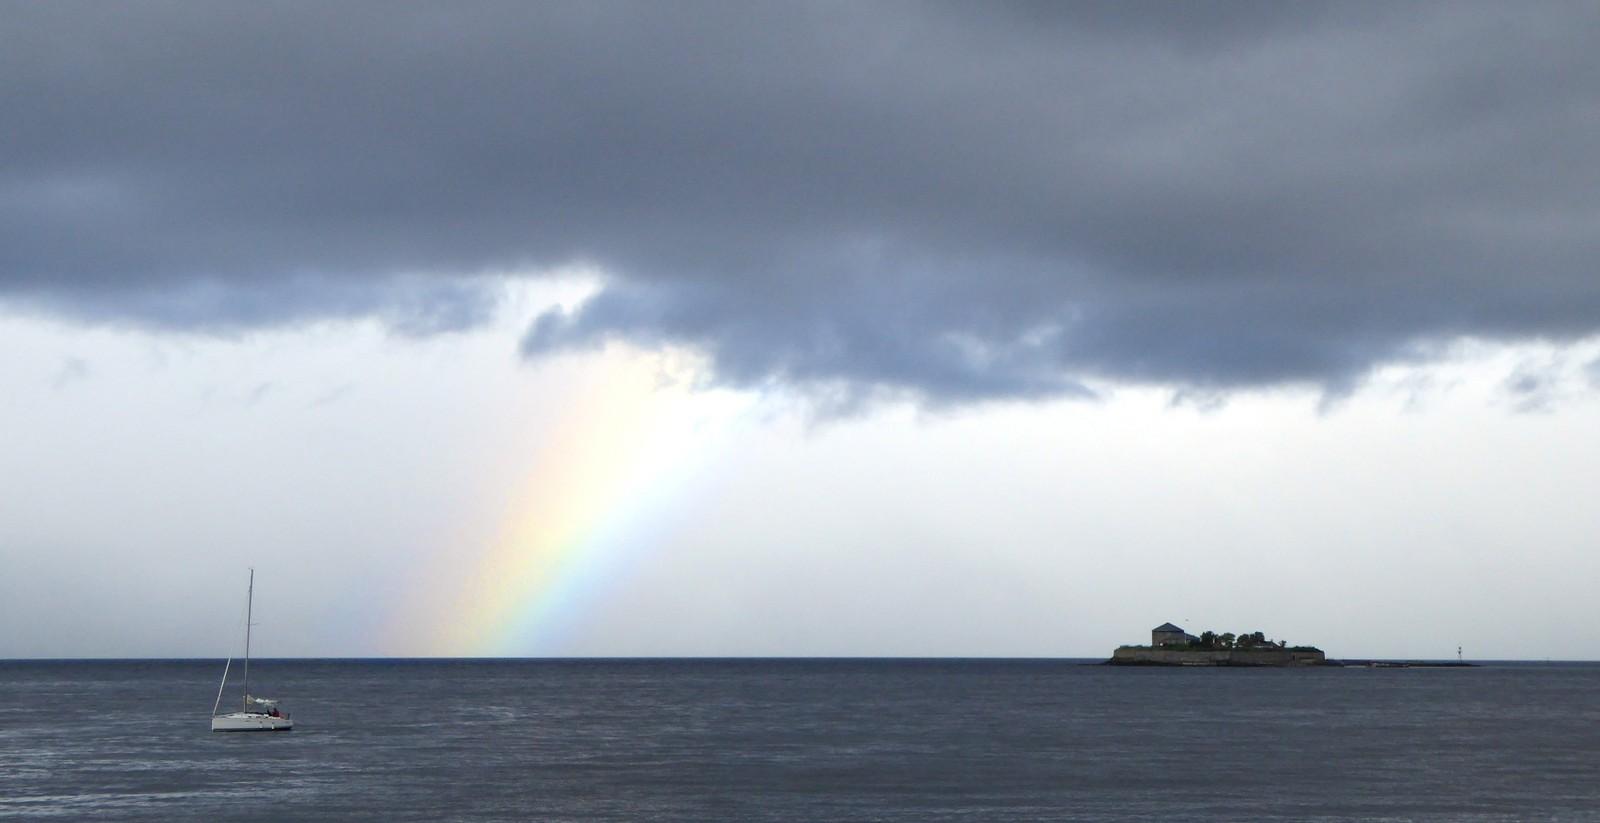 Regnbue over Trondheimsfjorden